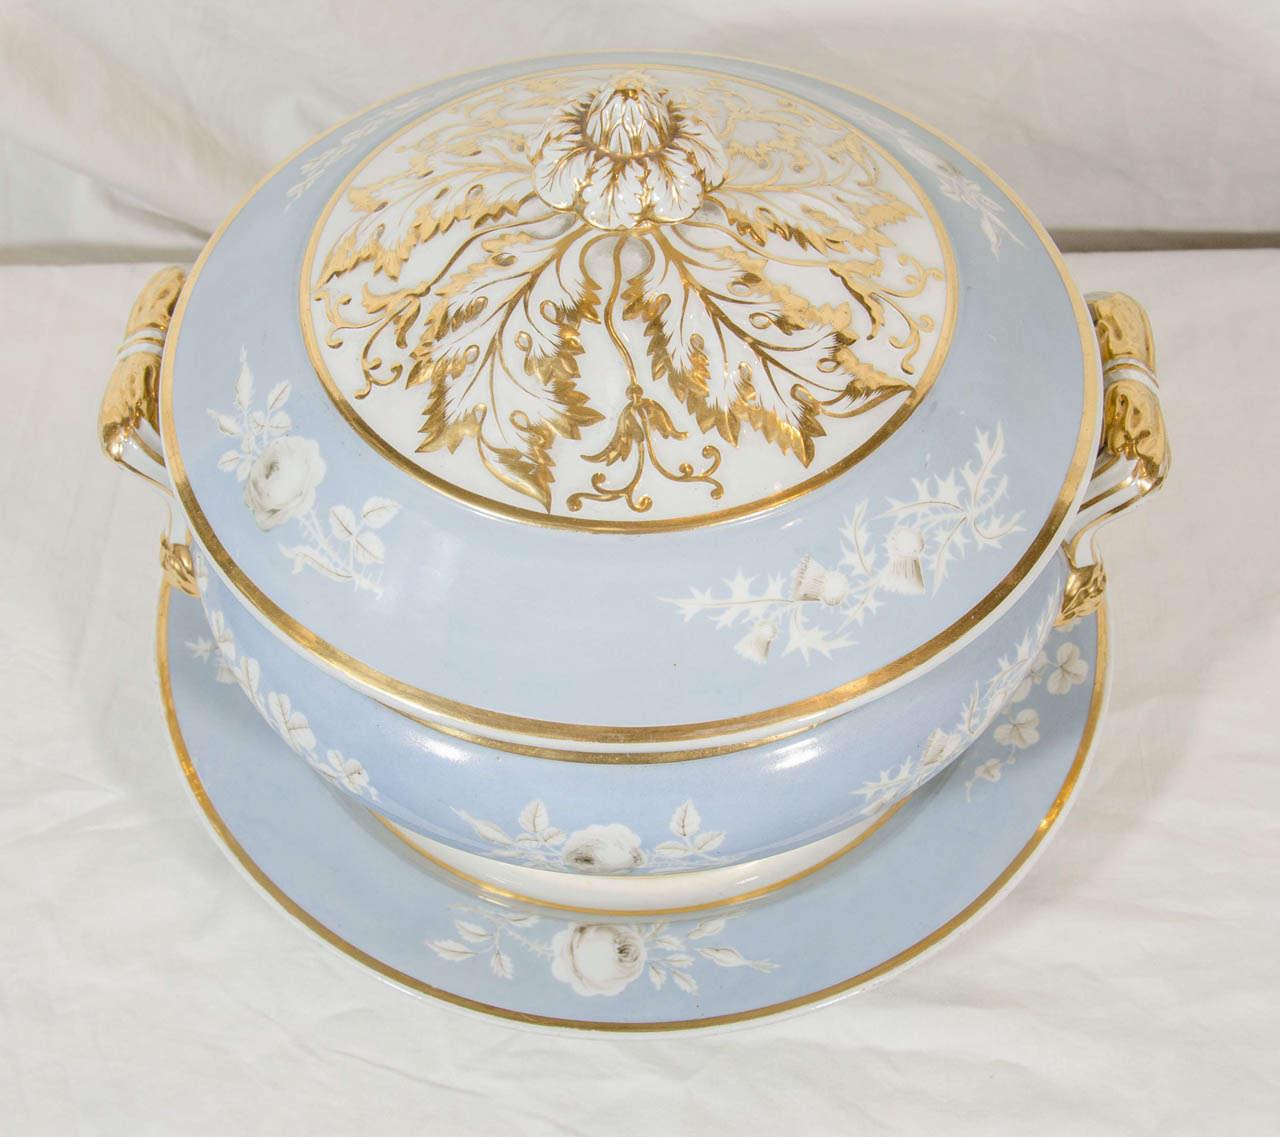 Antique Porcelain Blue Worcester Tureen For Sale 1